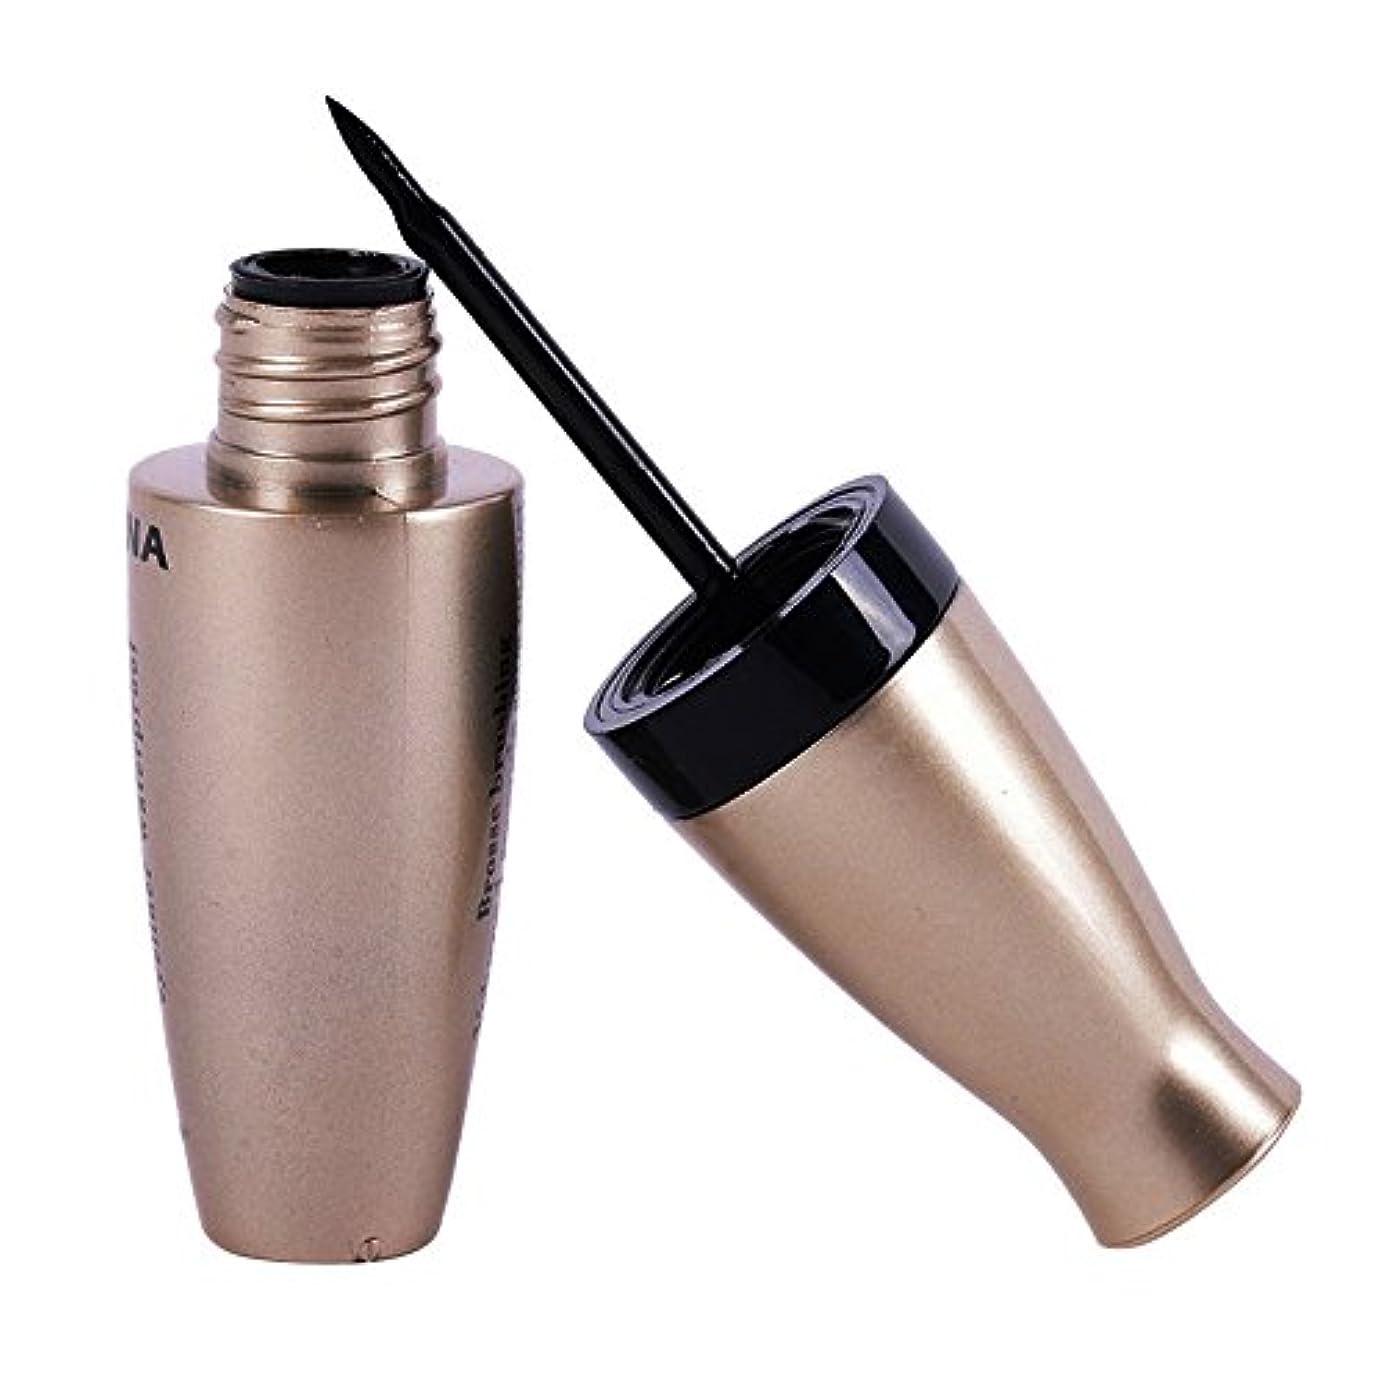 噴出する父方の独立新しいアイライナー防水リキッドアイライナーペンシルペンメイクアップ美容化粧品